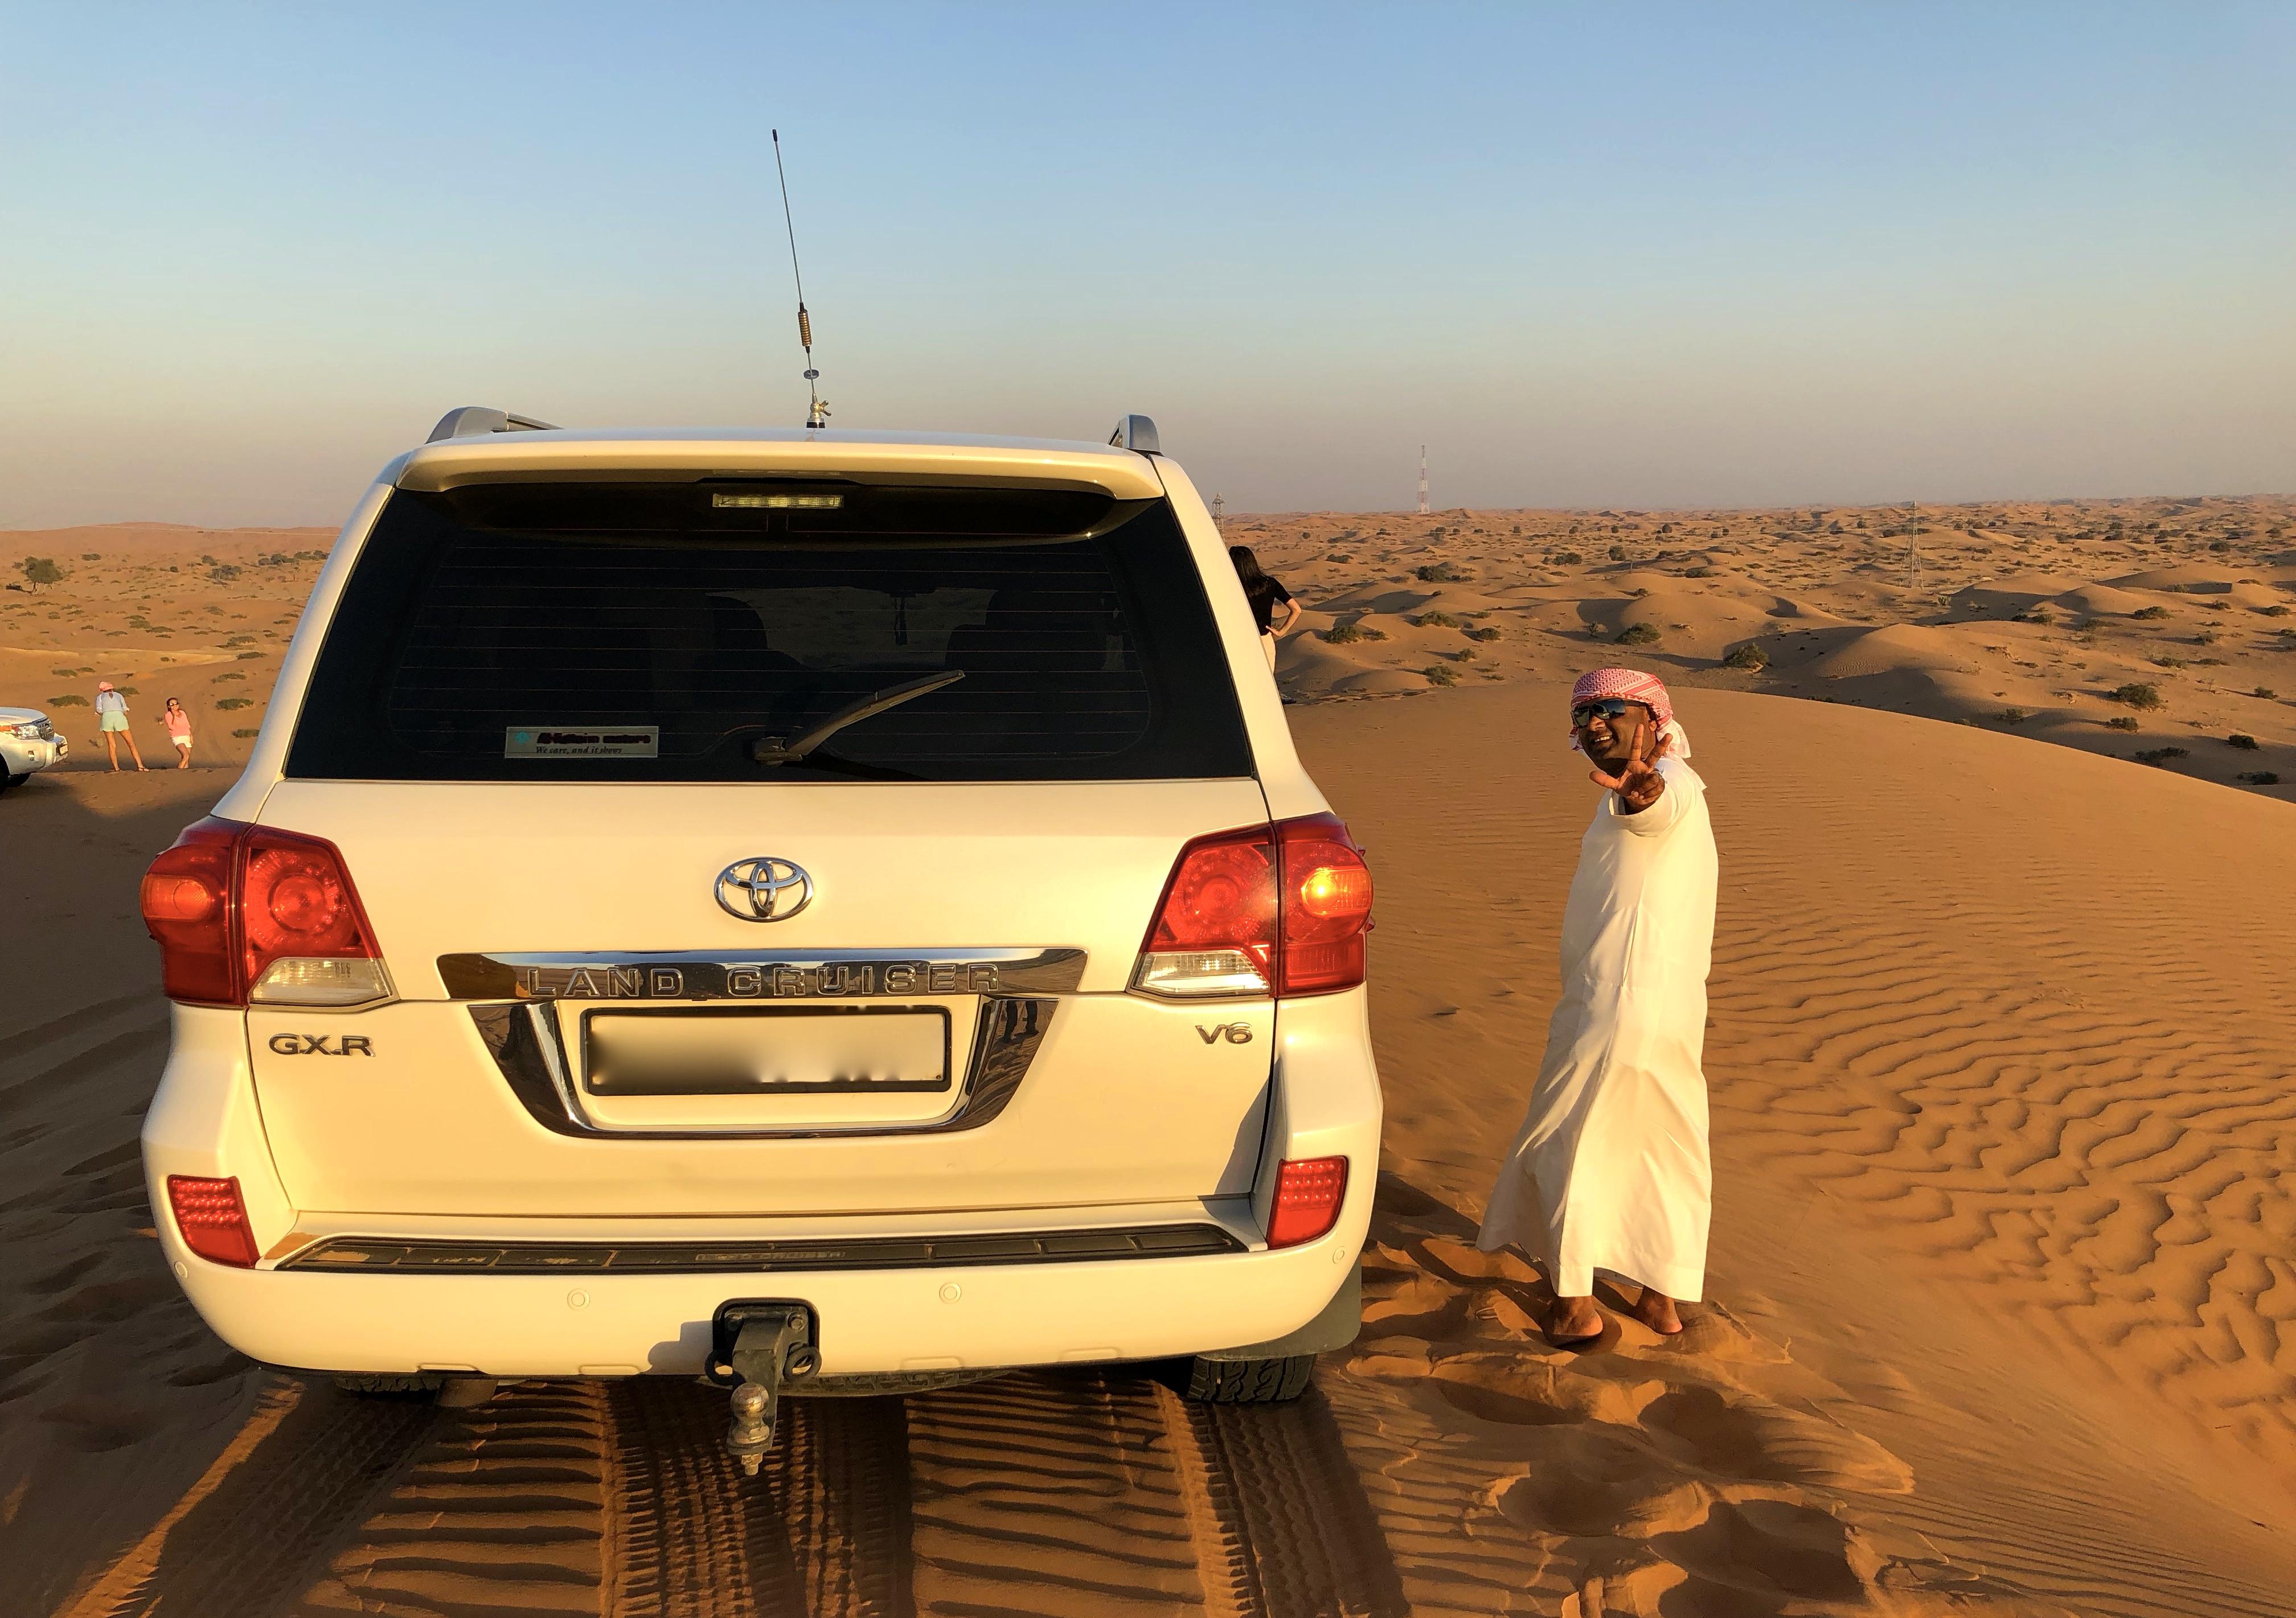 Ras Al Khaimah, UAE, 2018 13